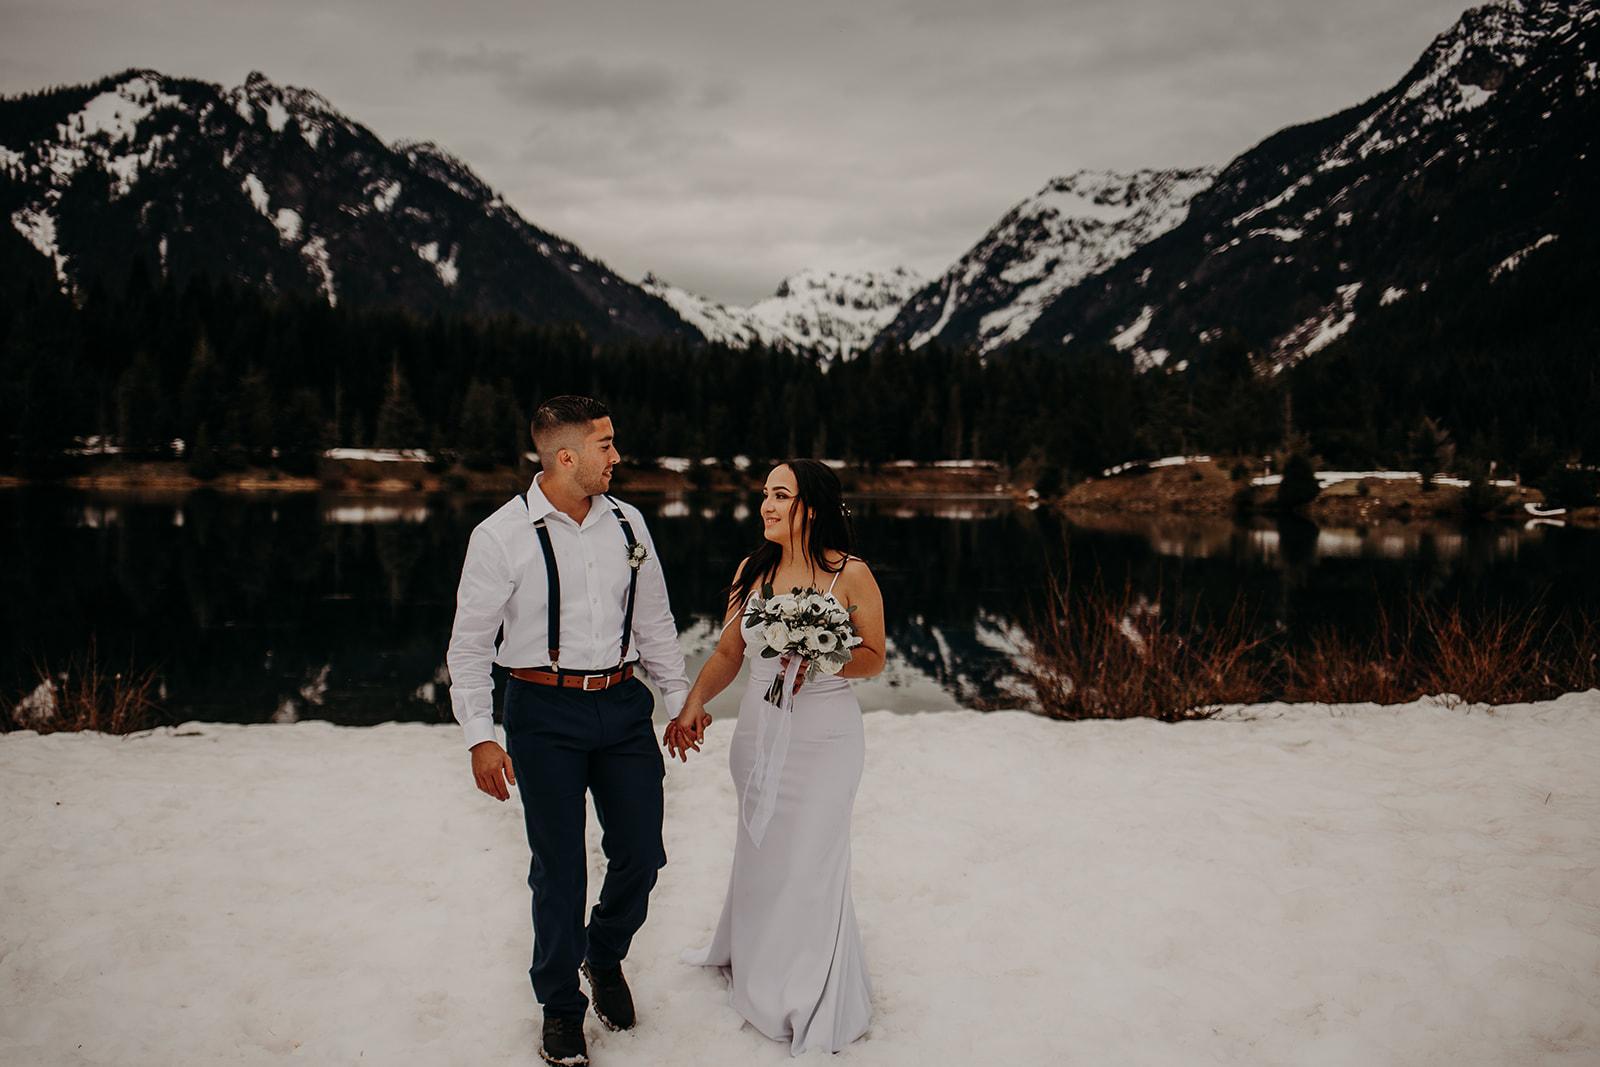 winter-mountain-elopement-asheville-wedding-photographer-megan-gallagher-photographer (53).jpg